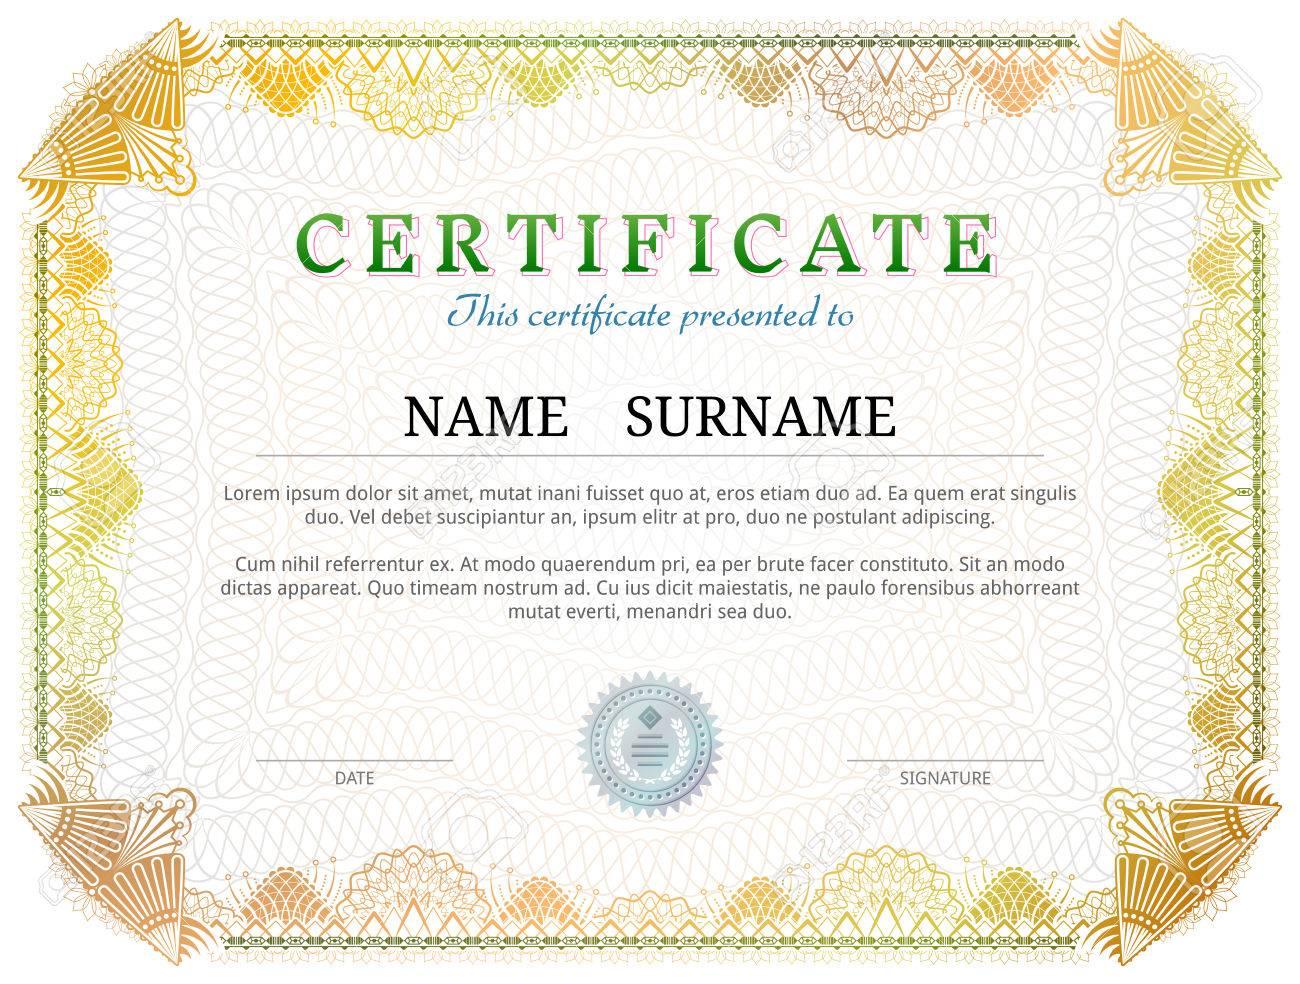 Zertifikatvorlage Mit Guilloche Elemente. Gelb Diplom-Grenzentwurf ...